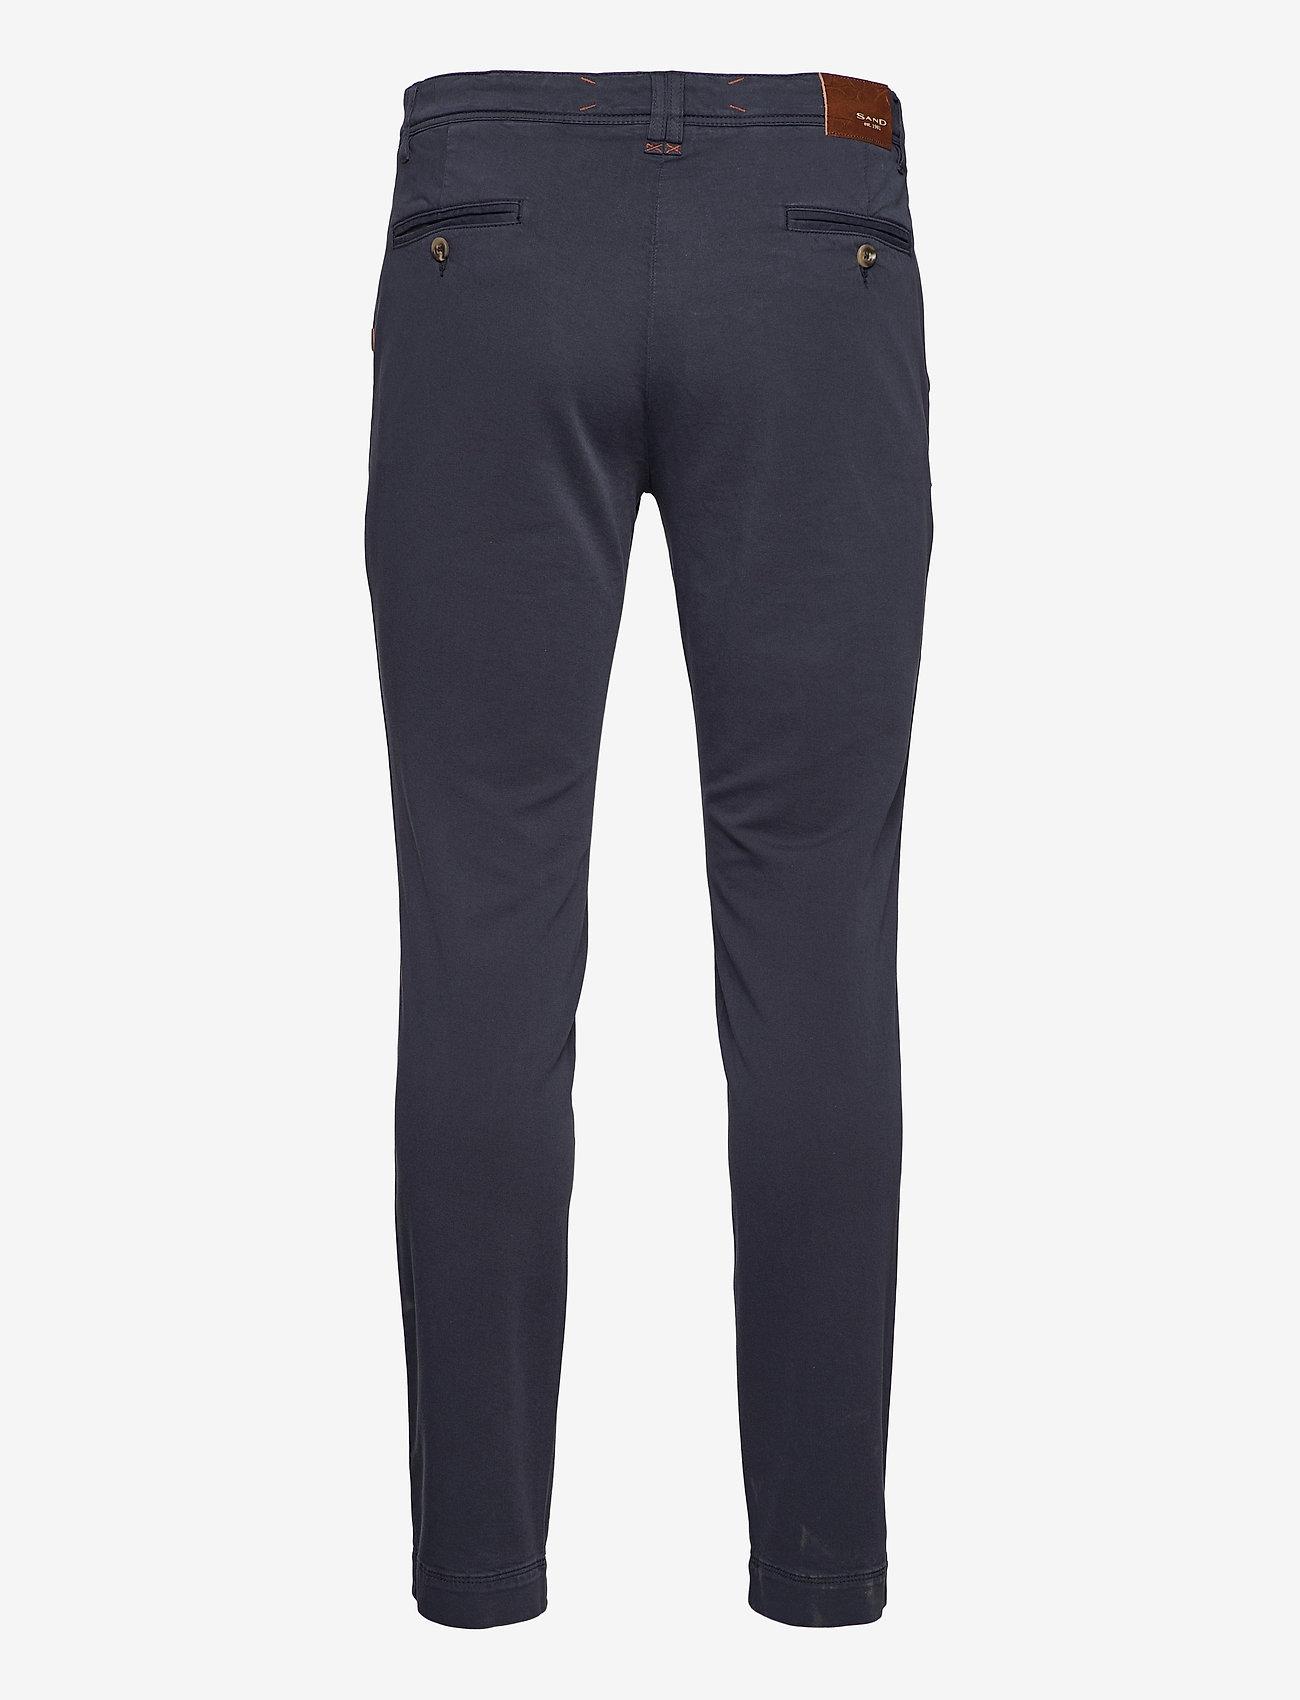 SAND - Cashmere Touch - Dolan Slim - regular jeans - dark blue/navy - 1